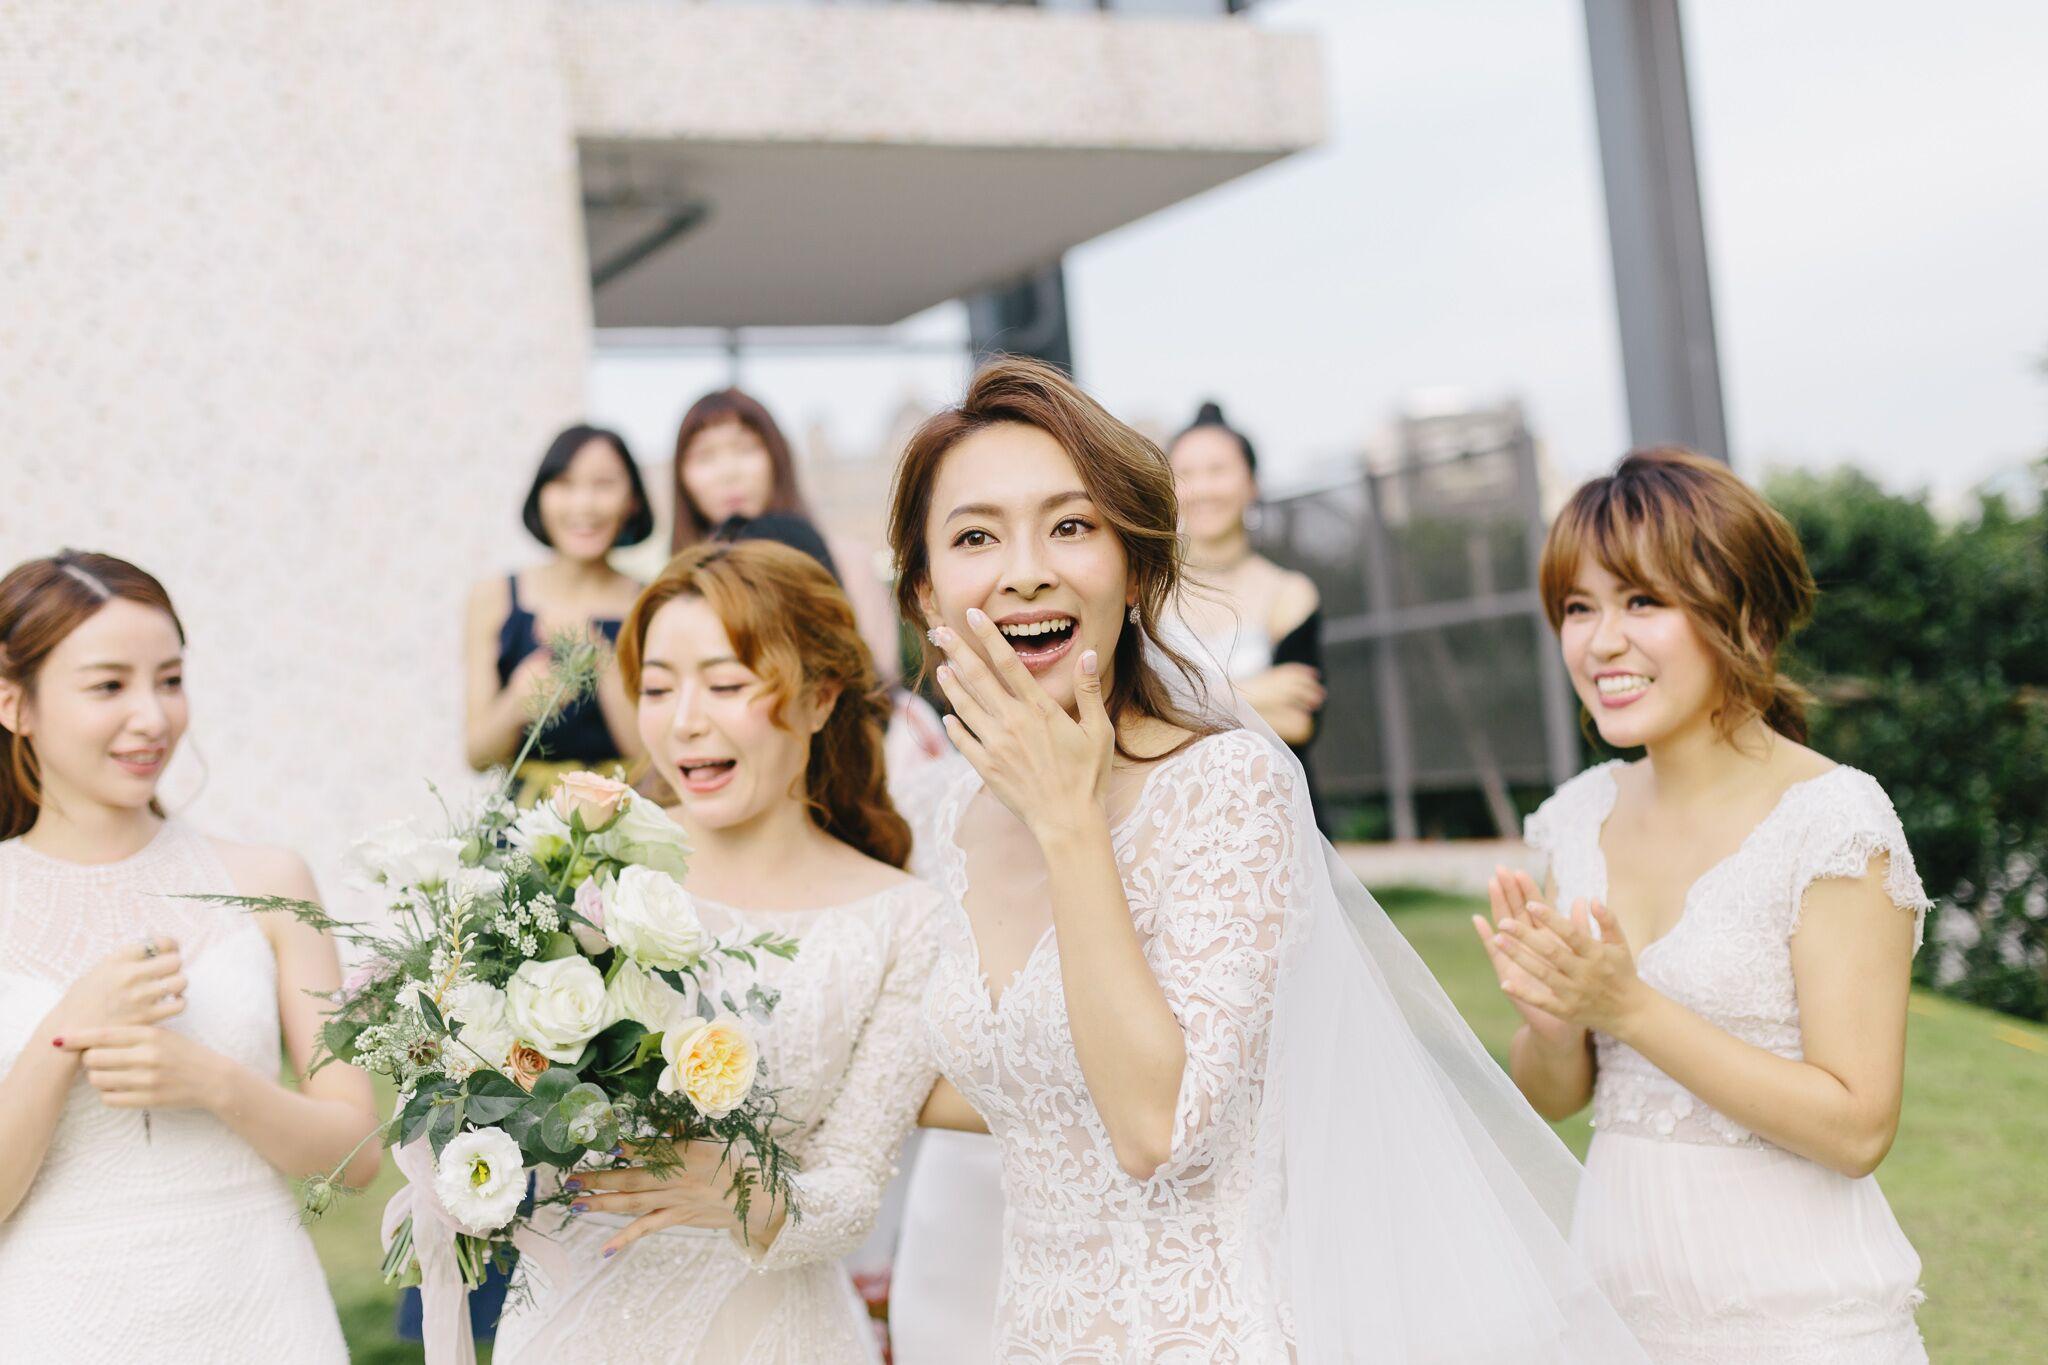 新娘伴娘礼服怎么搭?好闺蜜一起美又不怕友谊翻船的教战守则